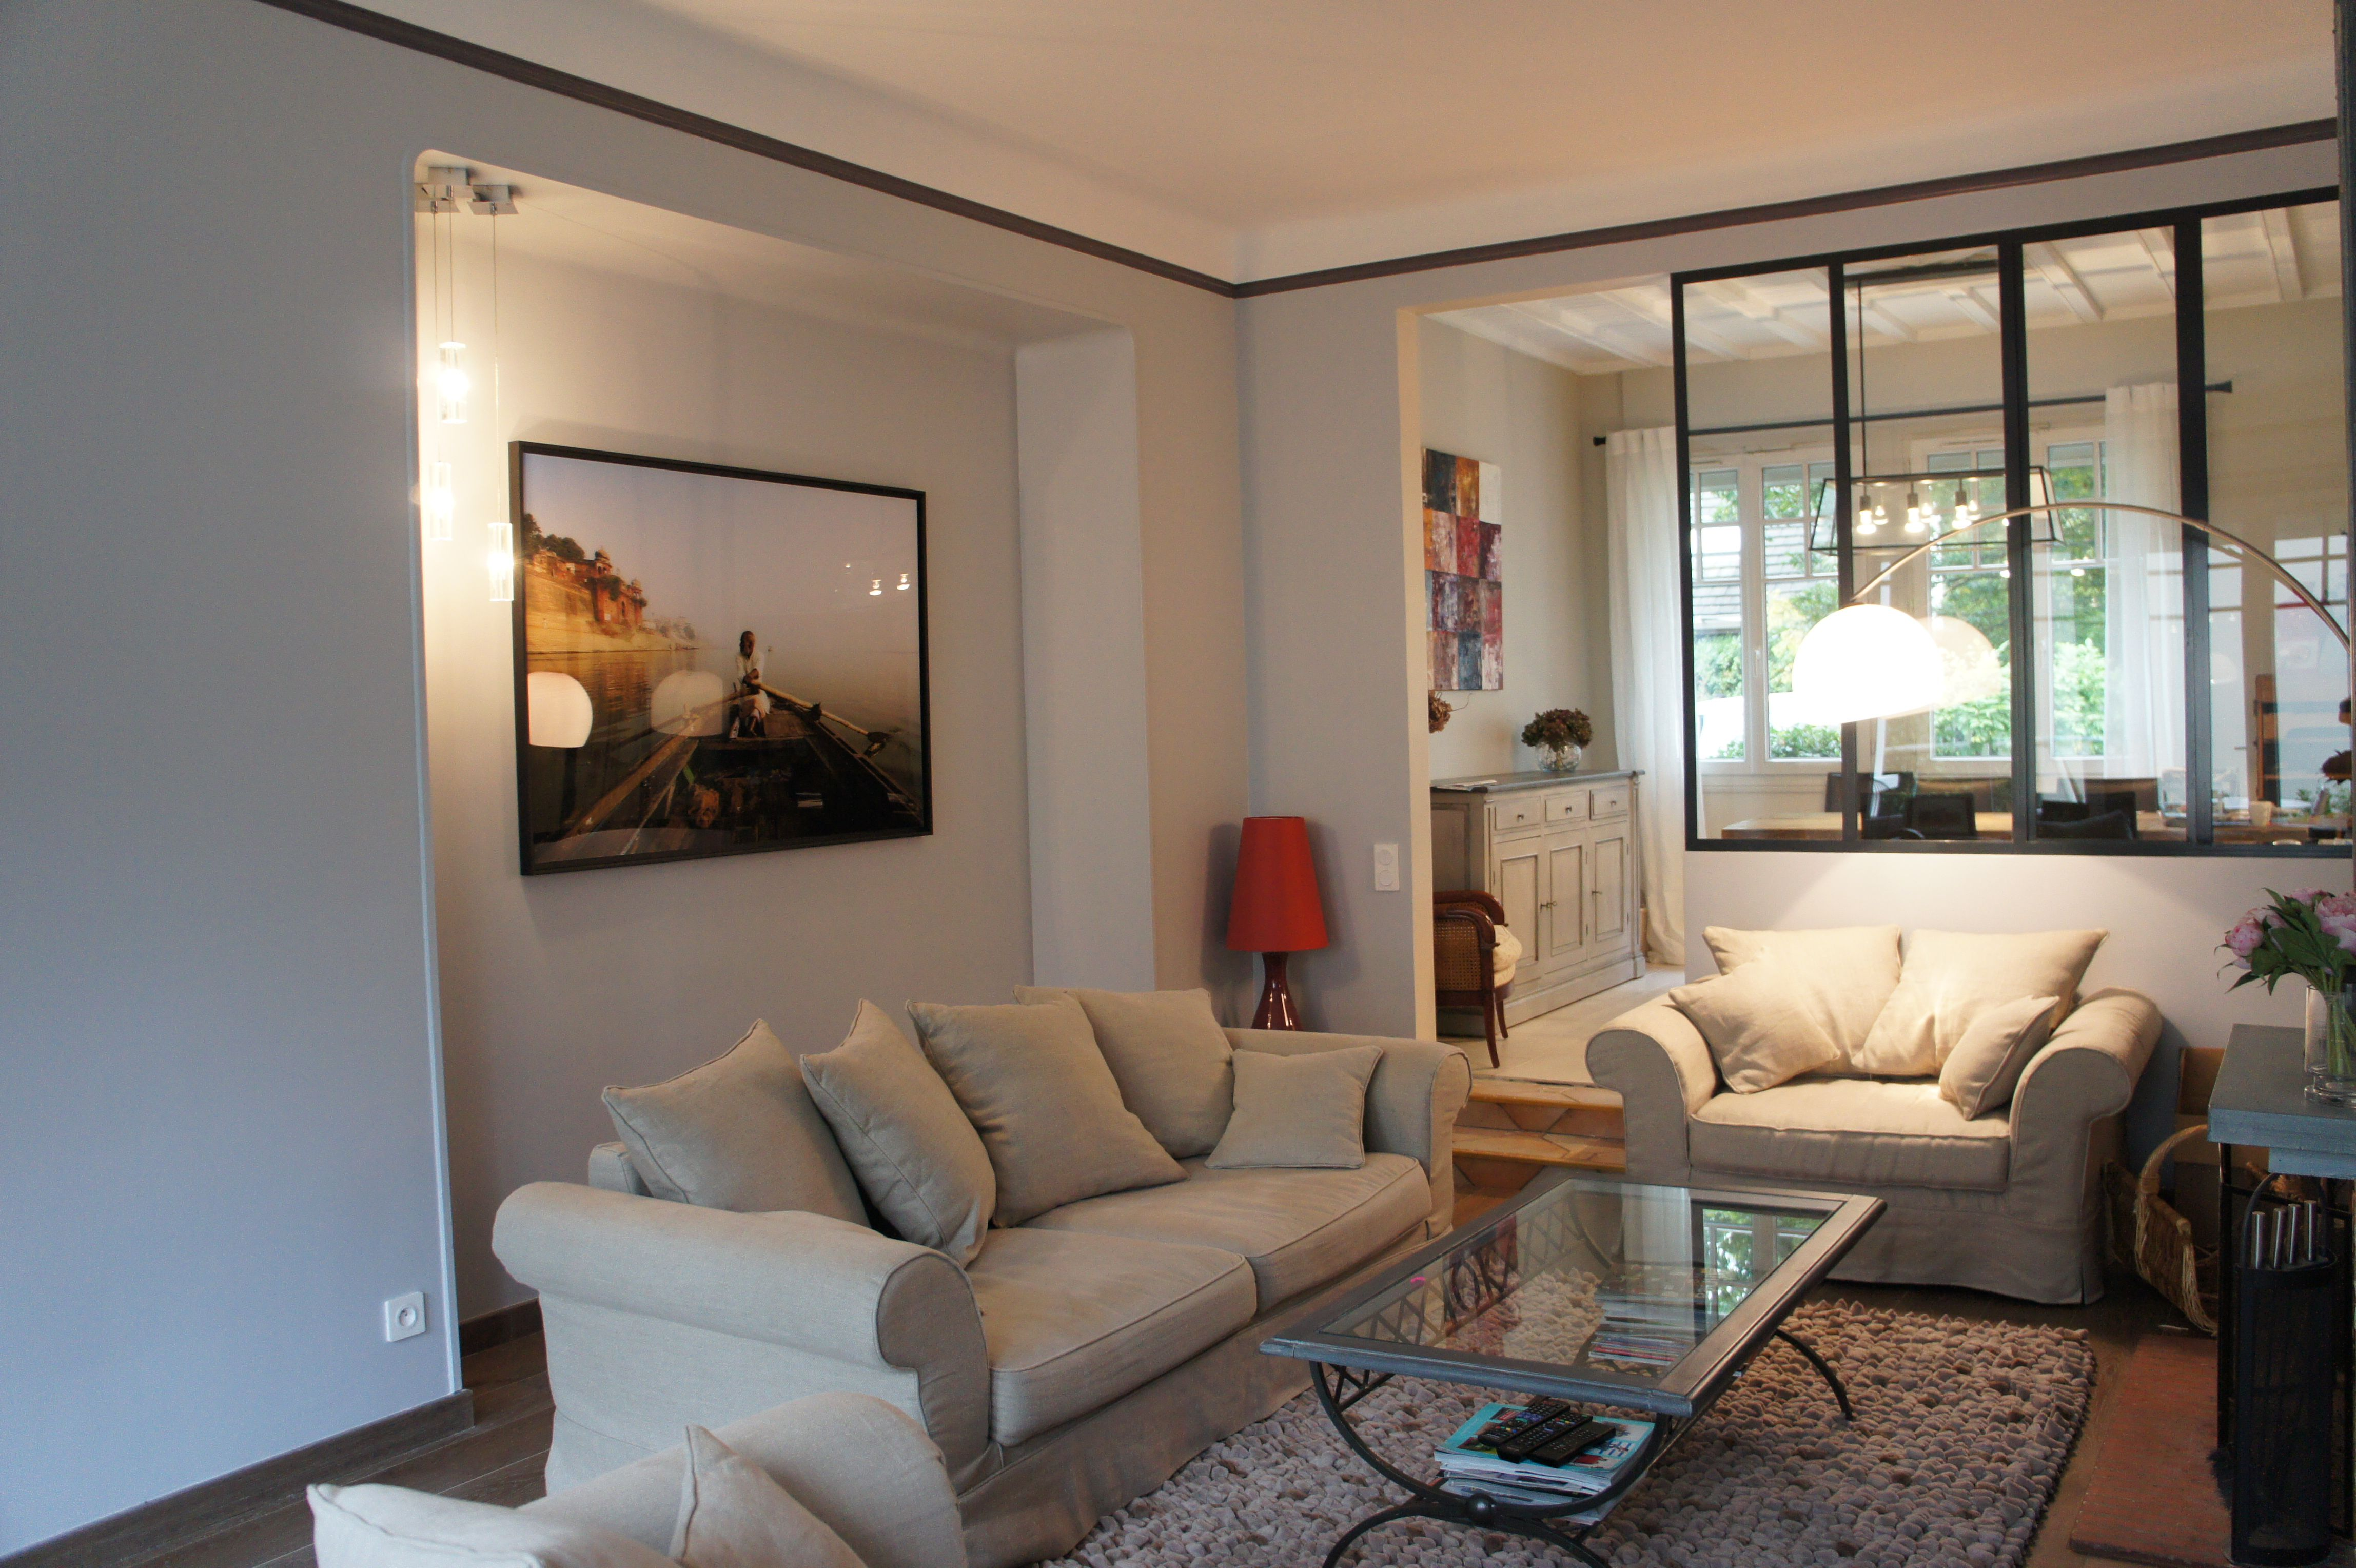 chantier du mois am nagement du salon avec la d coration int rieure relooker mon int rieur. Black Bedroom Furniture Sets. Home Design Ideas